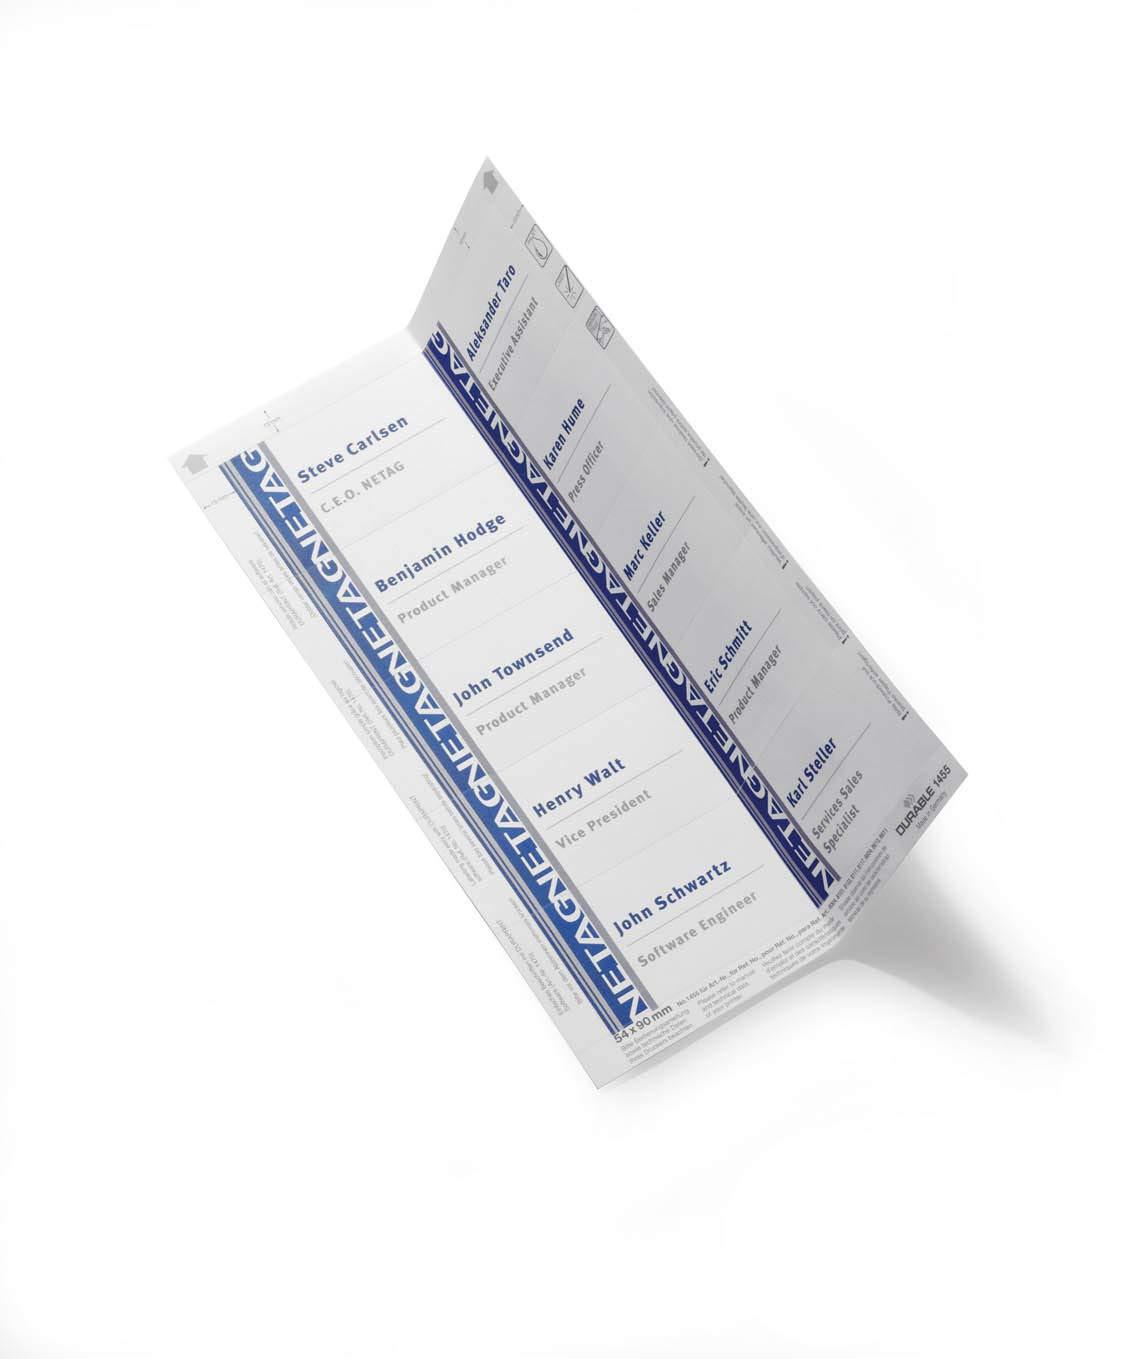 color blanco Pack de 200 cartulinas para impresi/ón profesional de portanombres microperforadas con esquinas redondeadas 54 x 90 mm A4 Durable Badgemaker